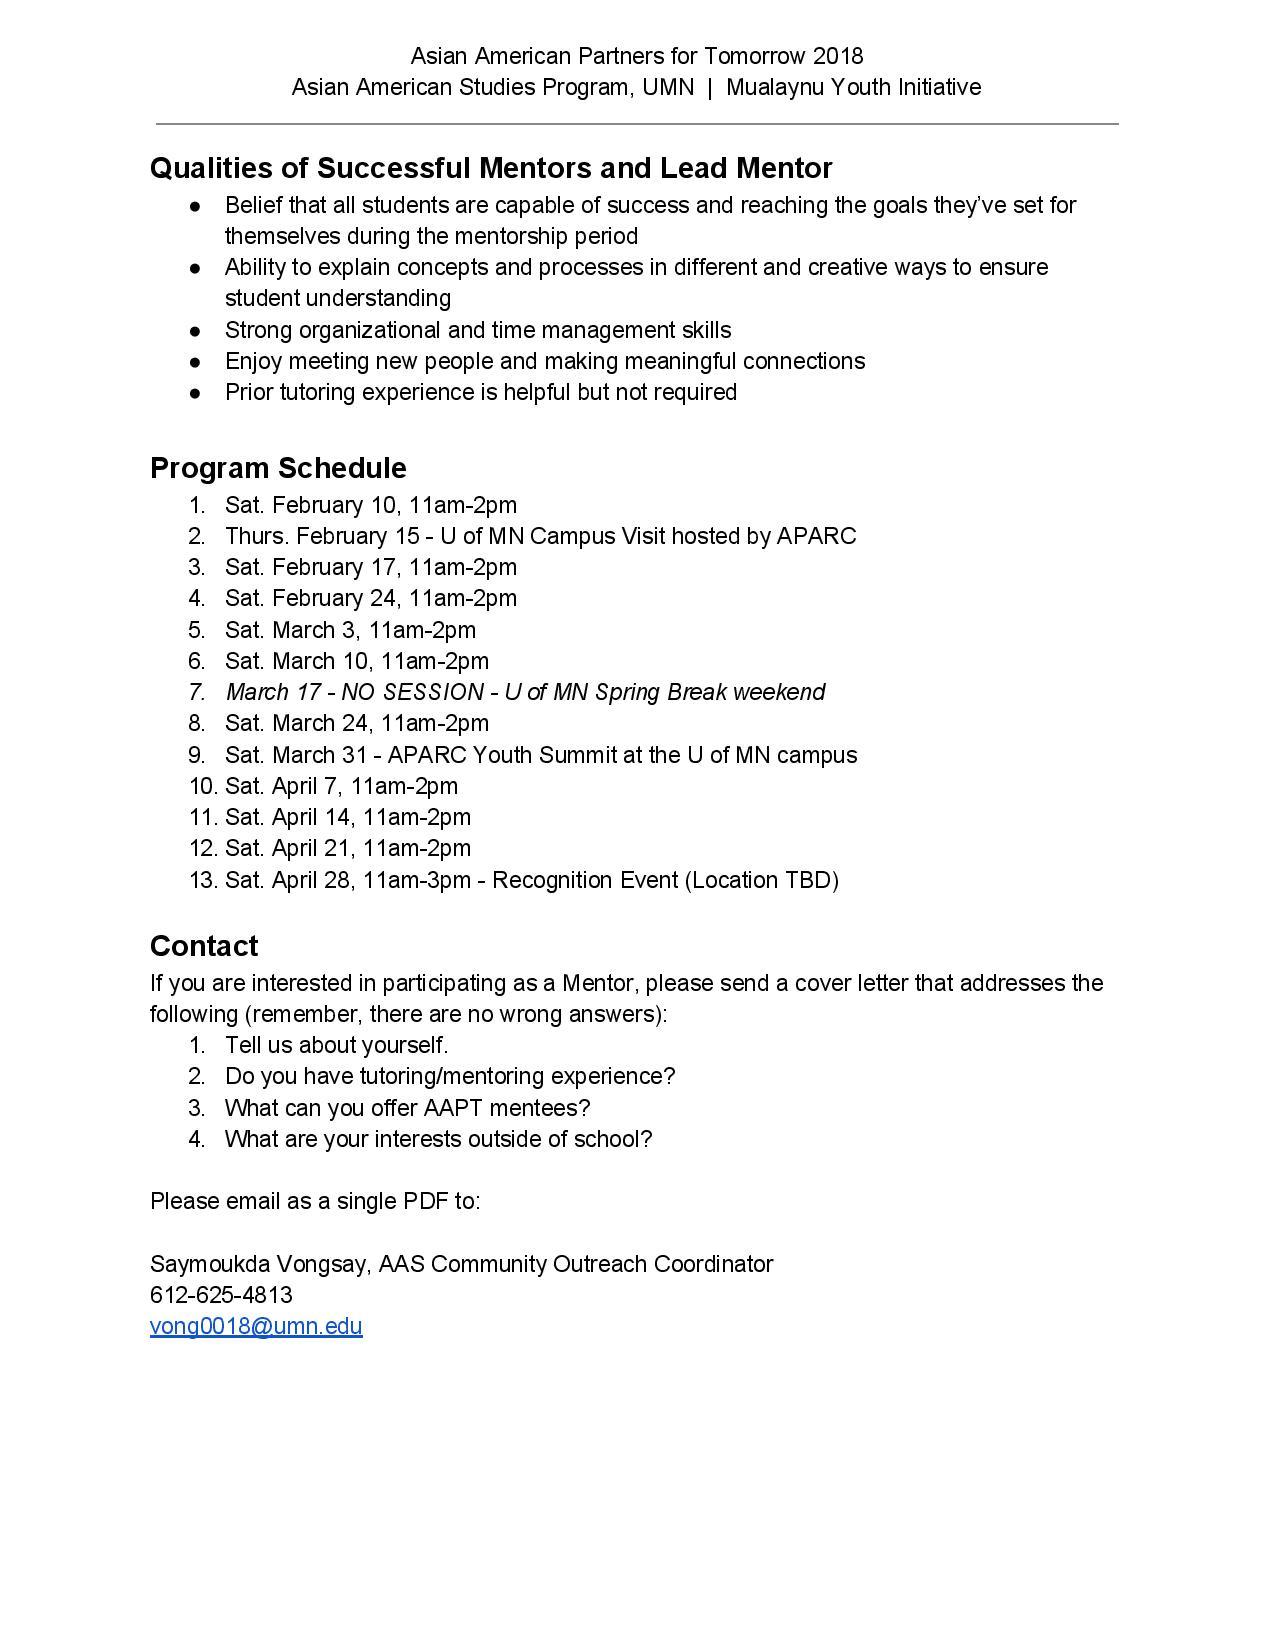 AAPT CallForMentors-page-004.jpg